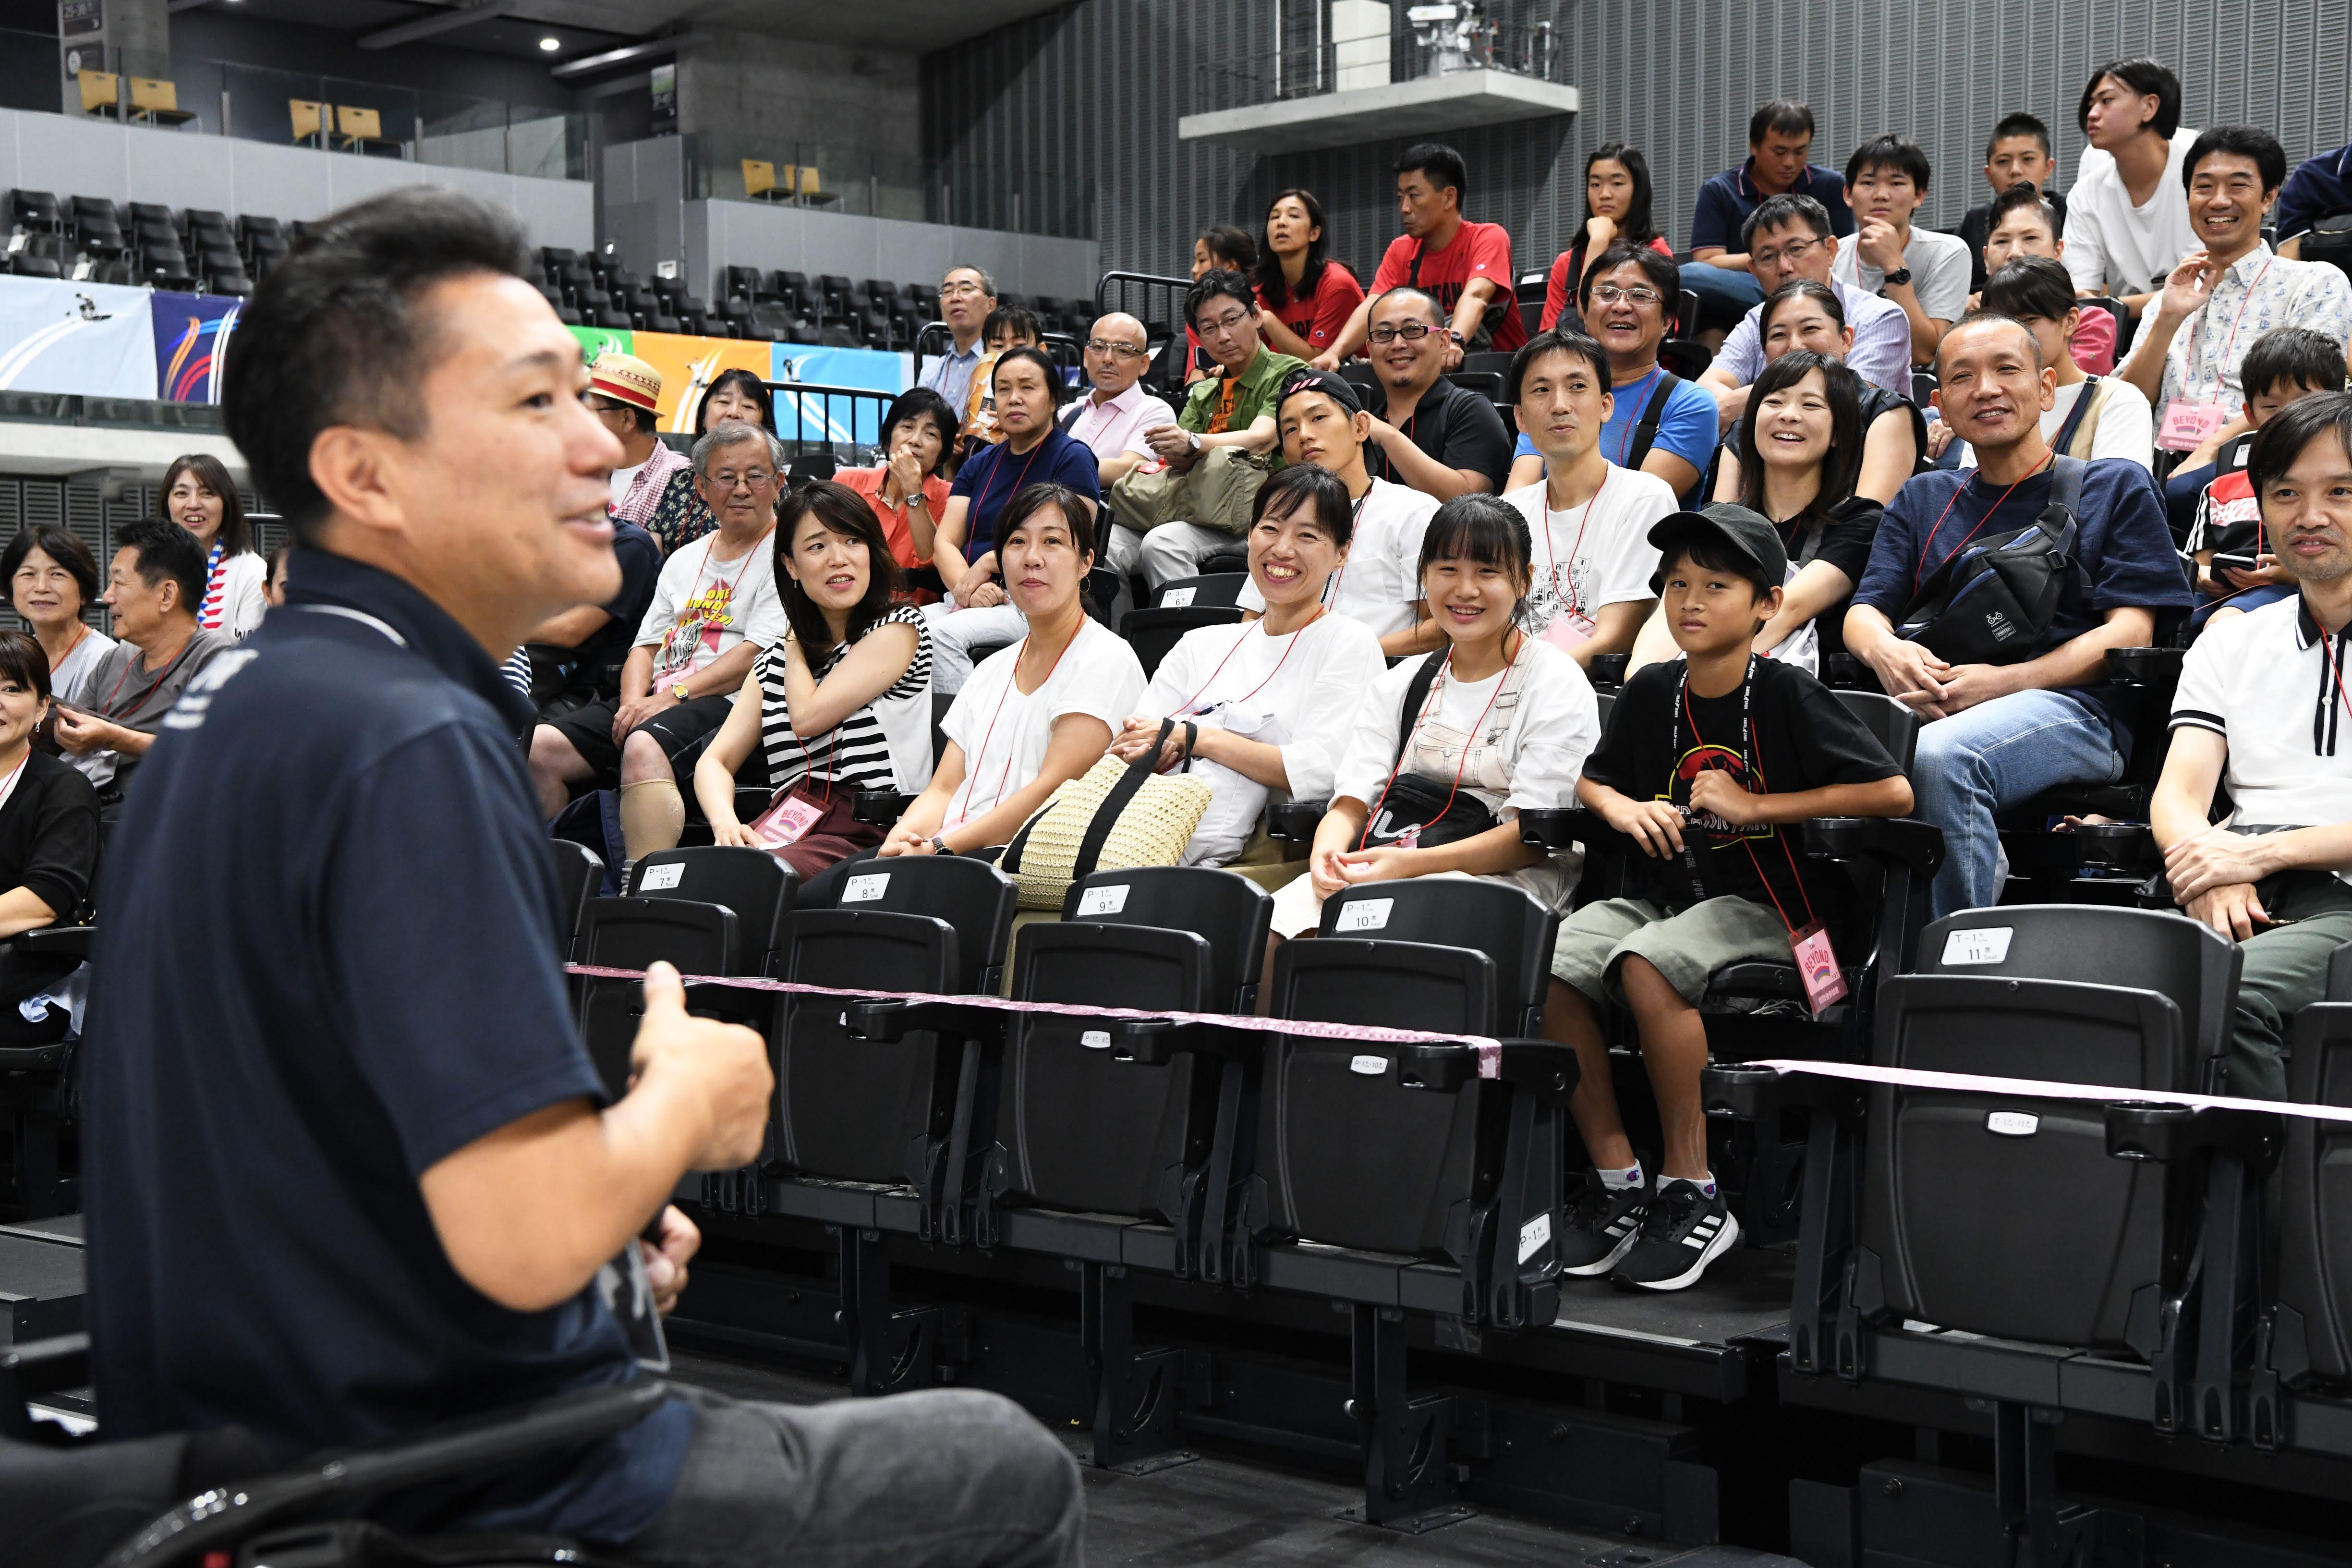 満席の会場で熱いエール!車いすバスケットボール「三菱電機 WORLD CHALLENGE CUP 2019」